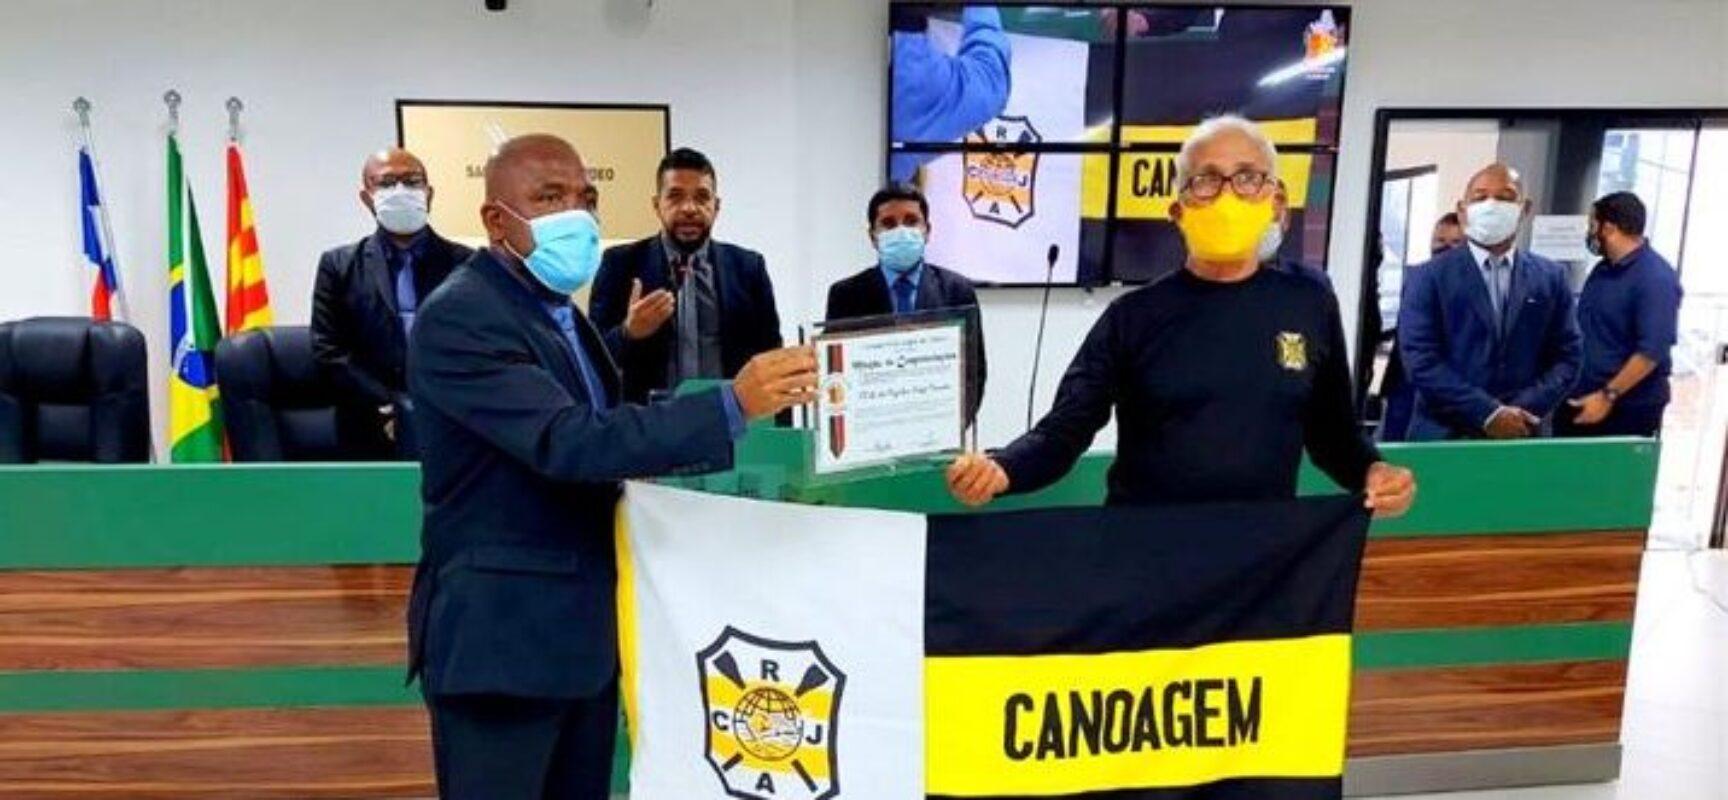 De volta às atividades esportivas, Clube de Regatas Jorge Amado recebe homenagem da Câmara de Ilhéus